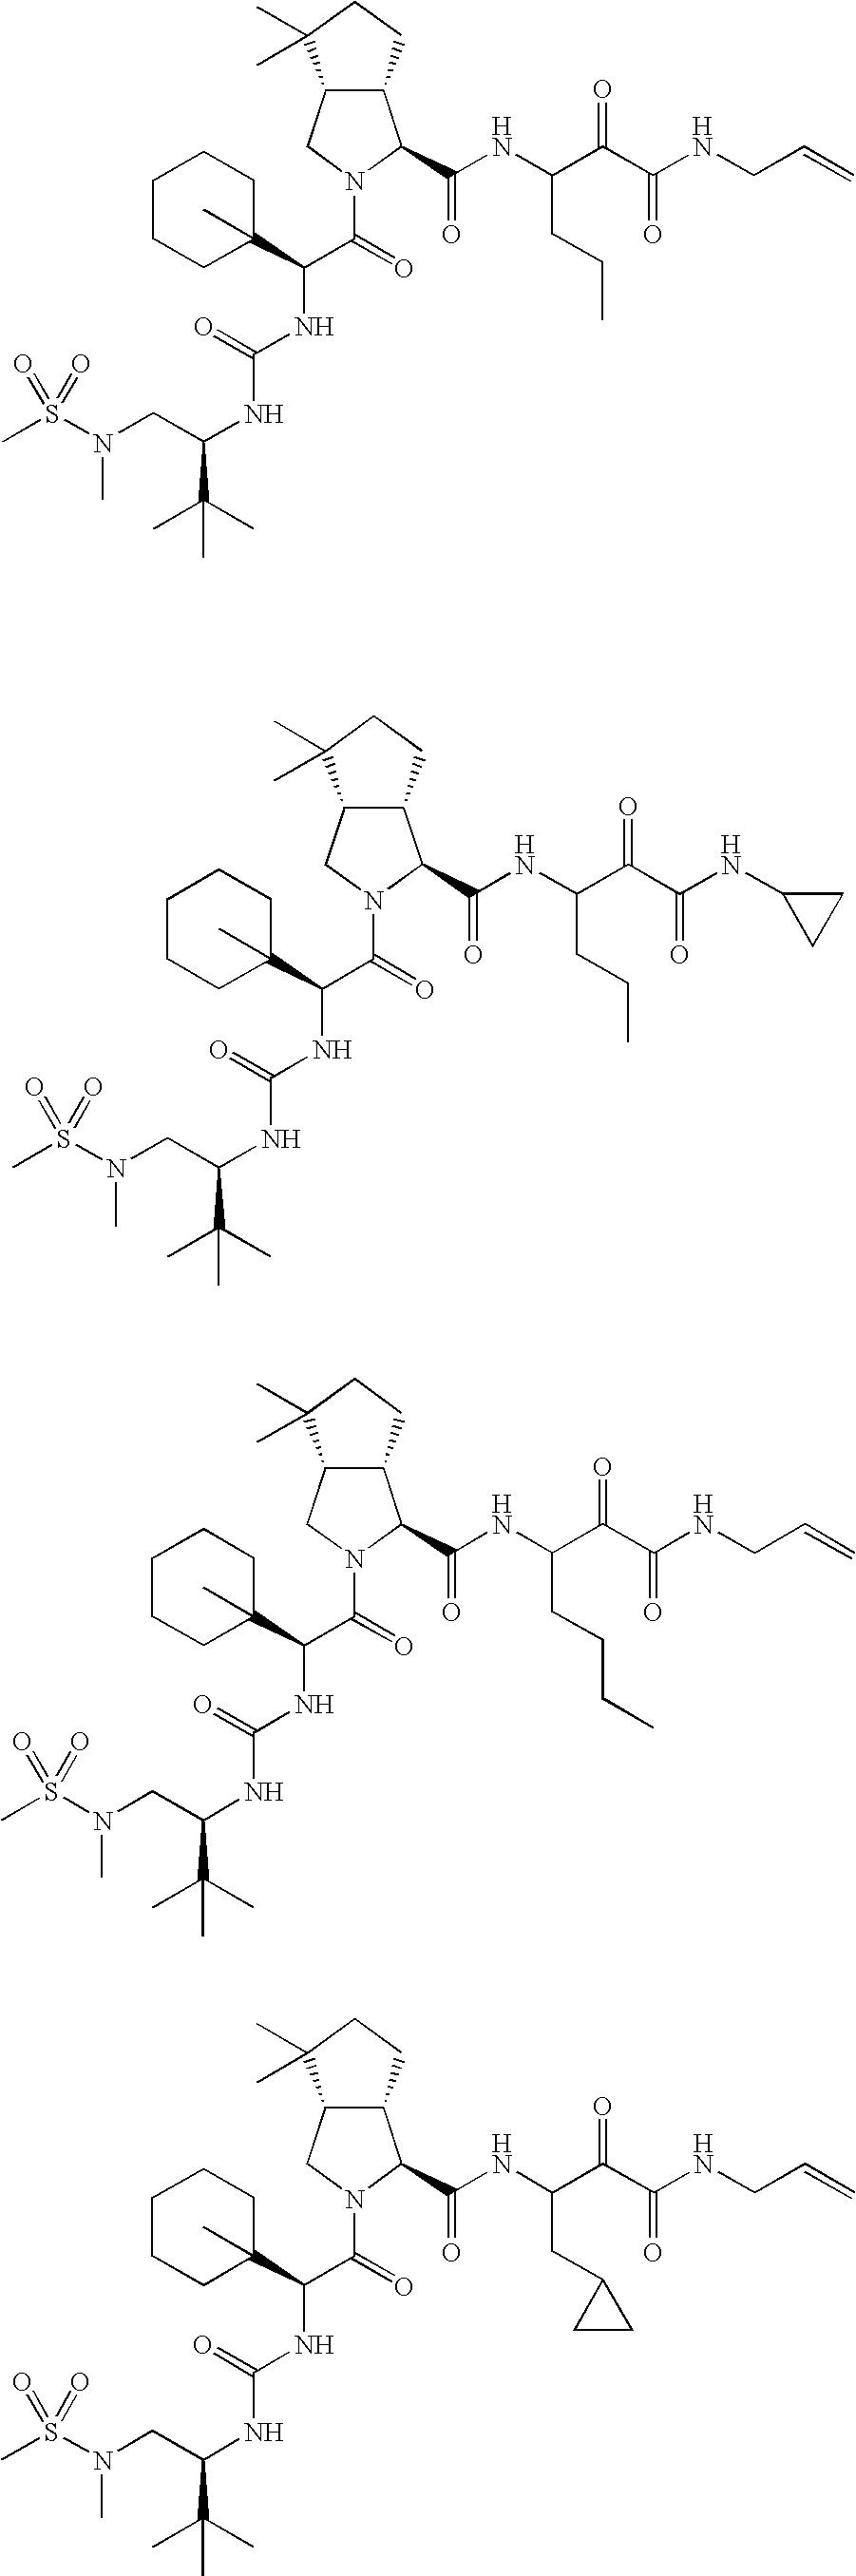 Figure US20060287248A1-20061221-C00515